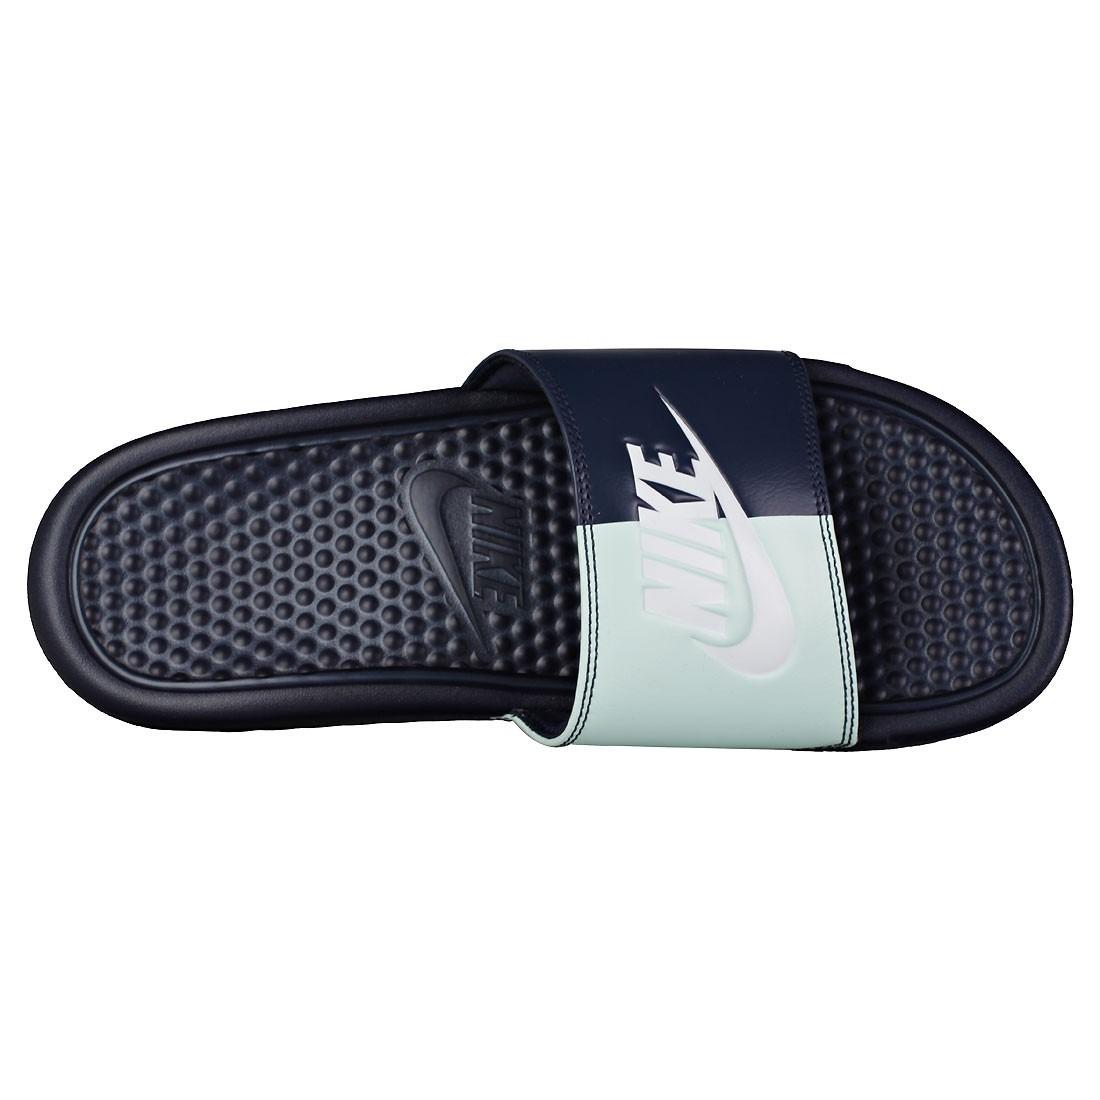 1843e36875ee Nike Wmns Benassi Jdi Sandalias Dama 24 Mex -   699.00 en Mercado Libre